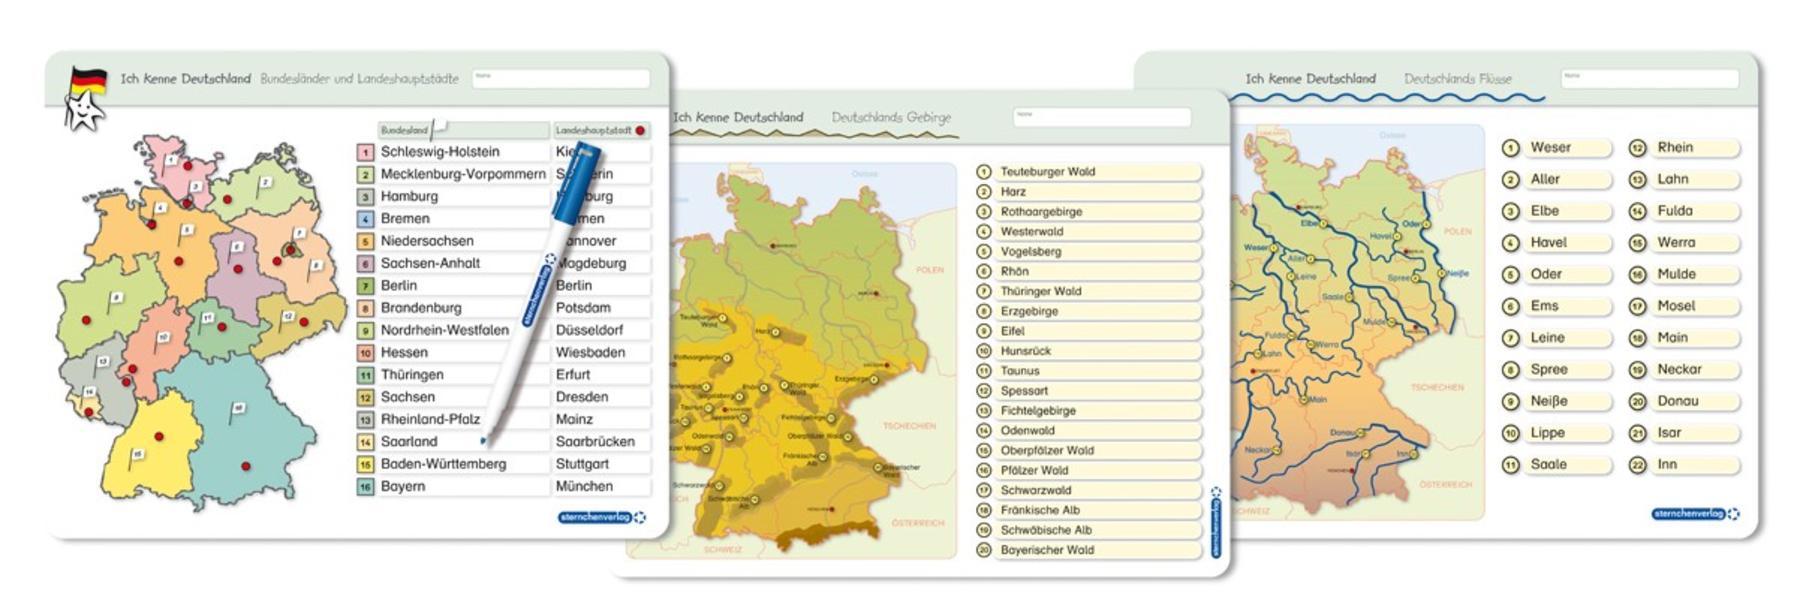 Ich Kenne Deutschland 1 Bundeslander Landeshauptstadte 2